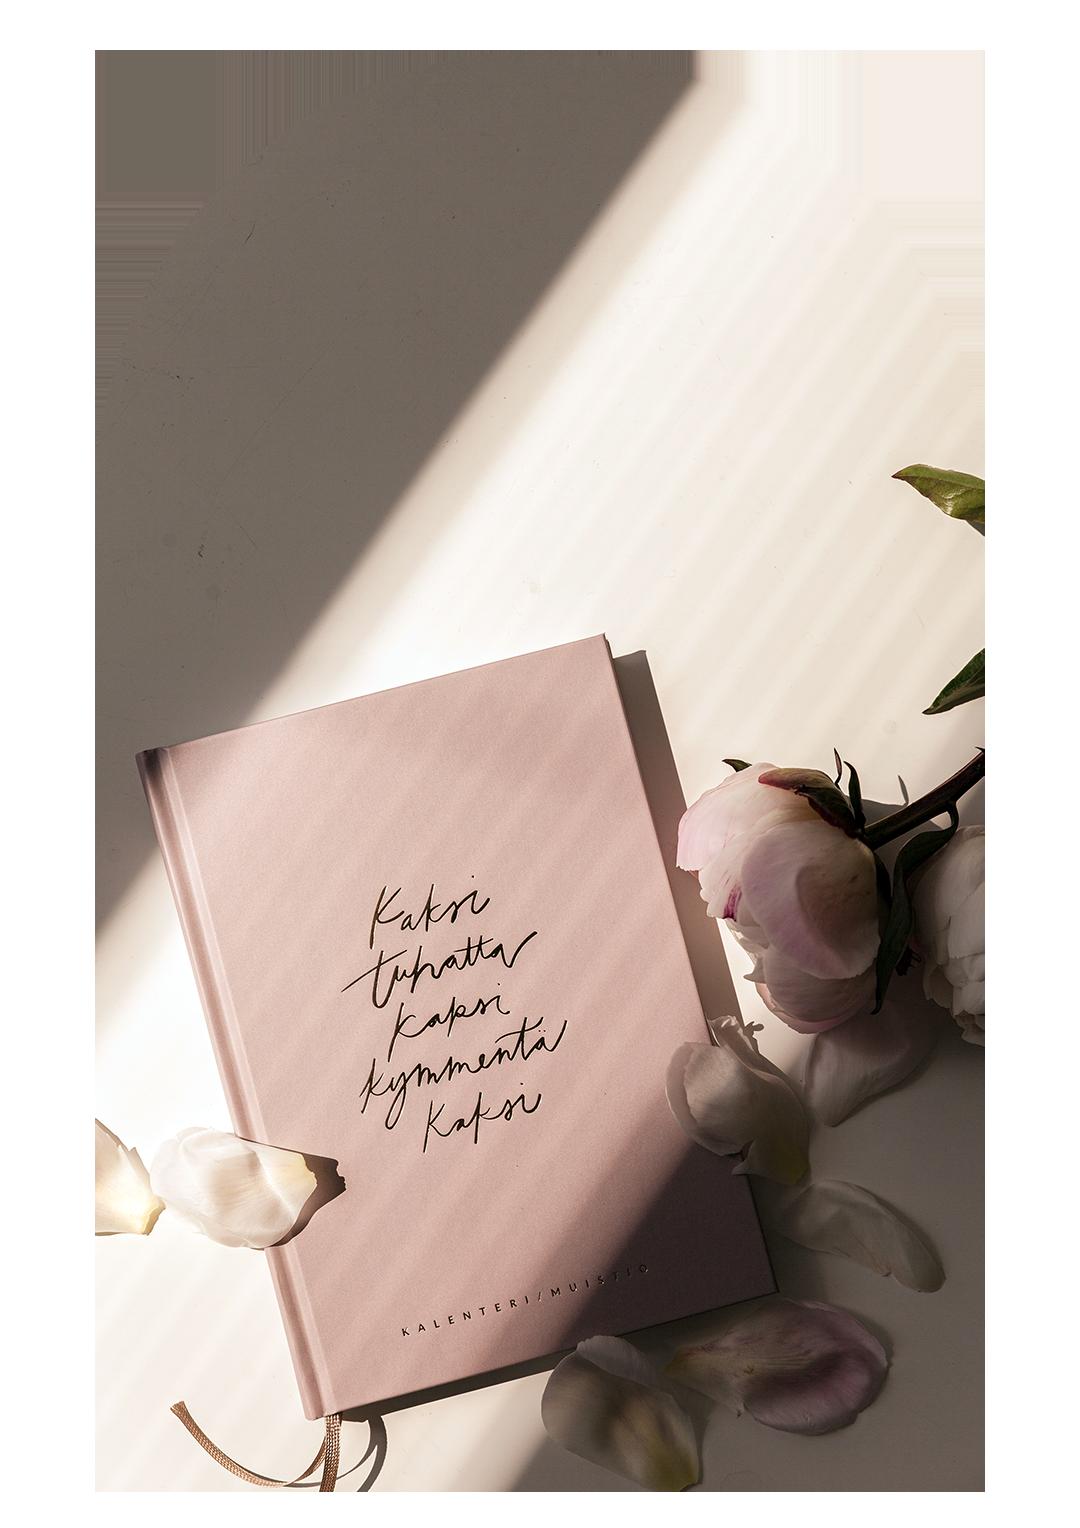 ☆ Ainoa – Paperituotteita, jotka menevät tunteisiin ☆ 3